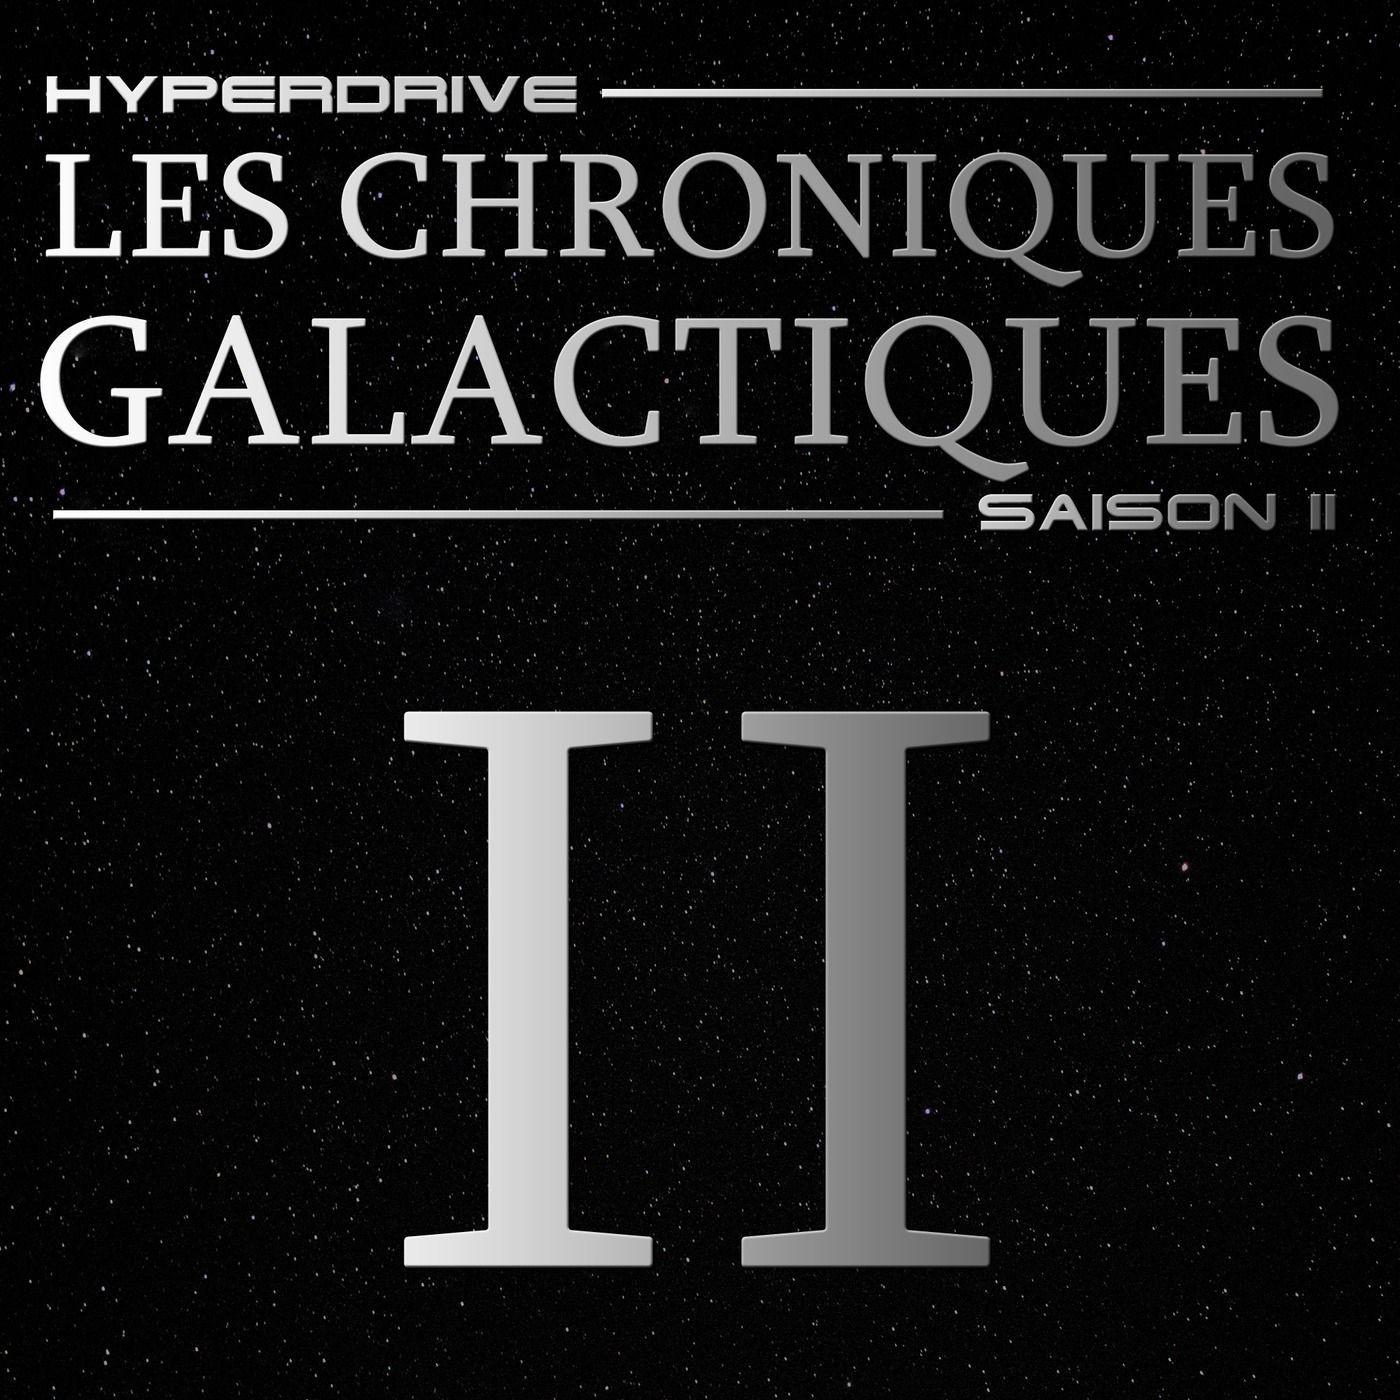 Chroniques Galactiques - S02 - Episode 2/7 - Echange de bons procédés